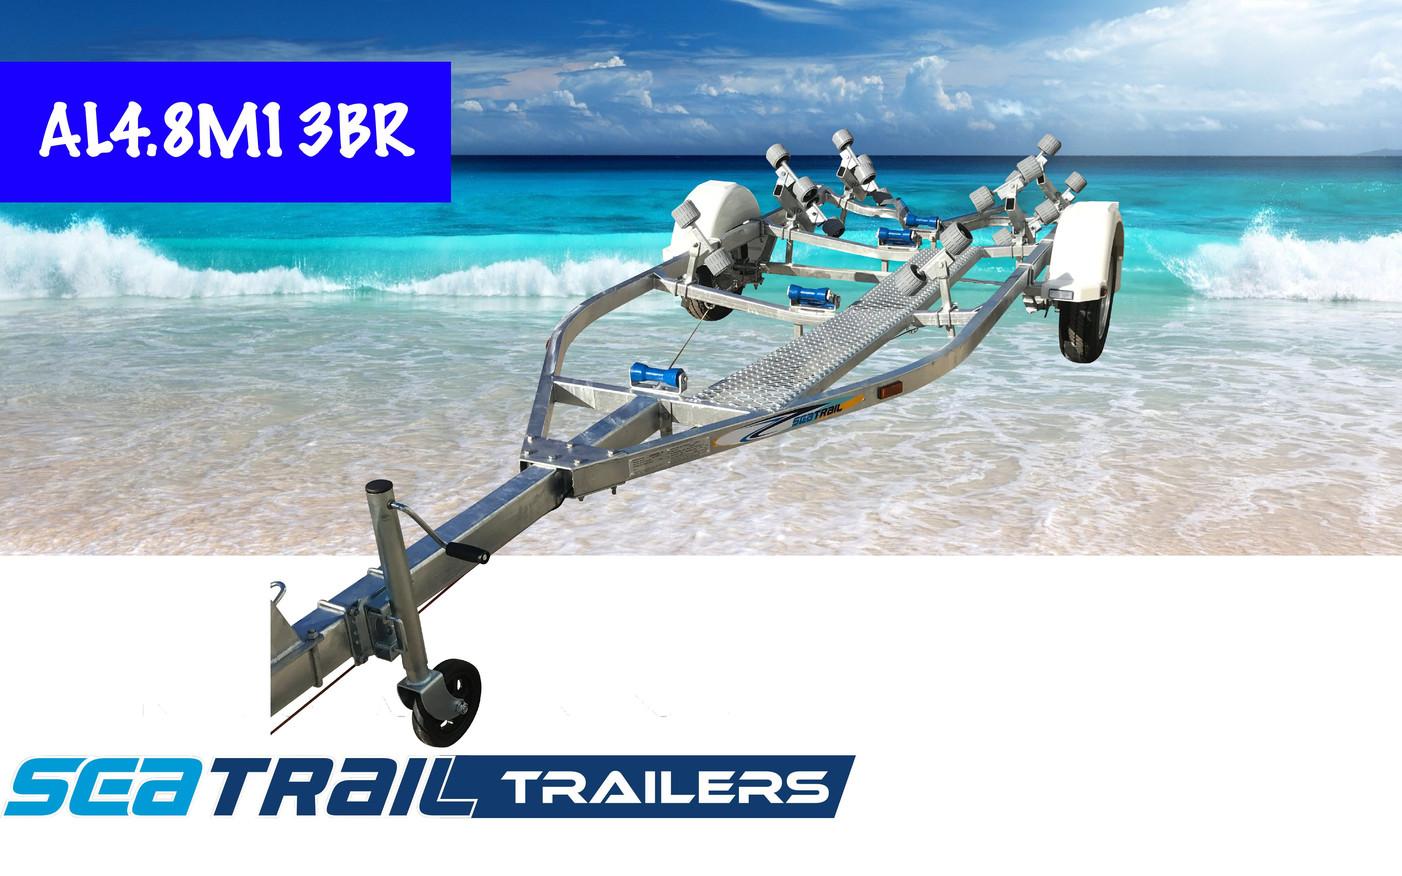 SEATRAIL AL4.8M13BR BRAKED ROLLERED BOAT TRAILER